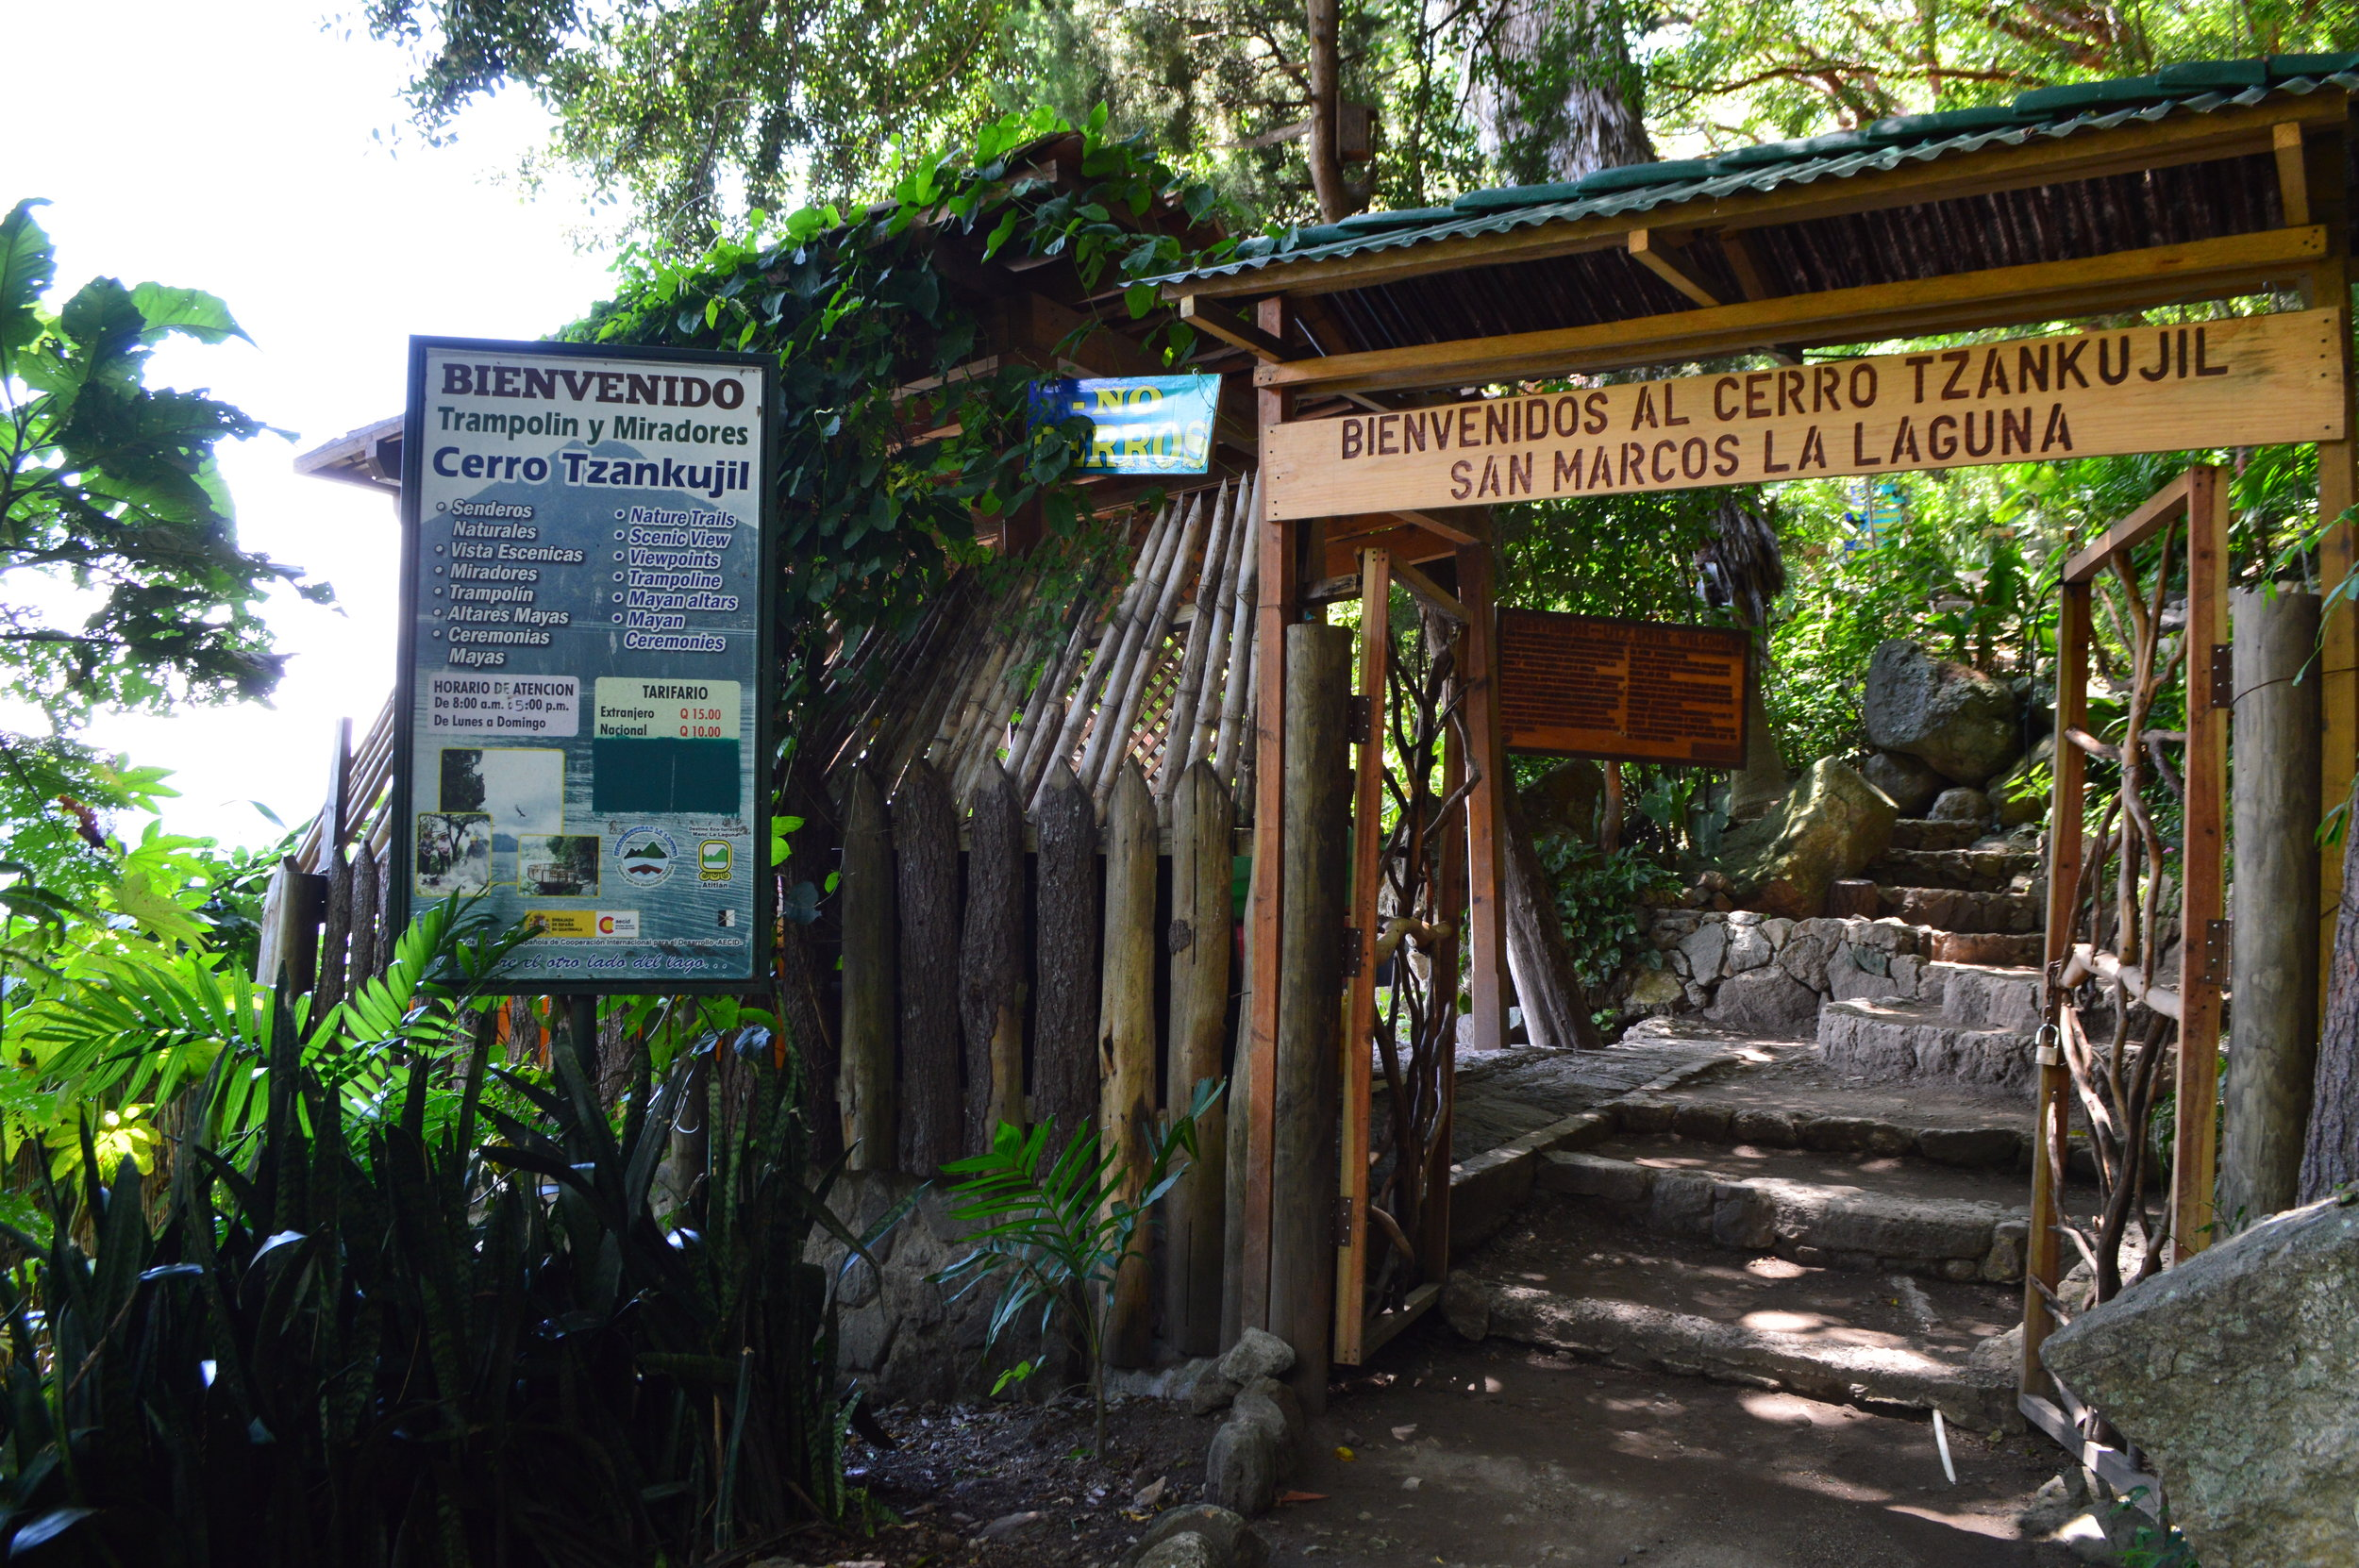 Entrance to Cerro Tzankujil